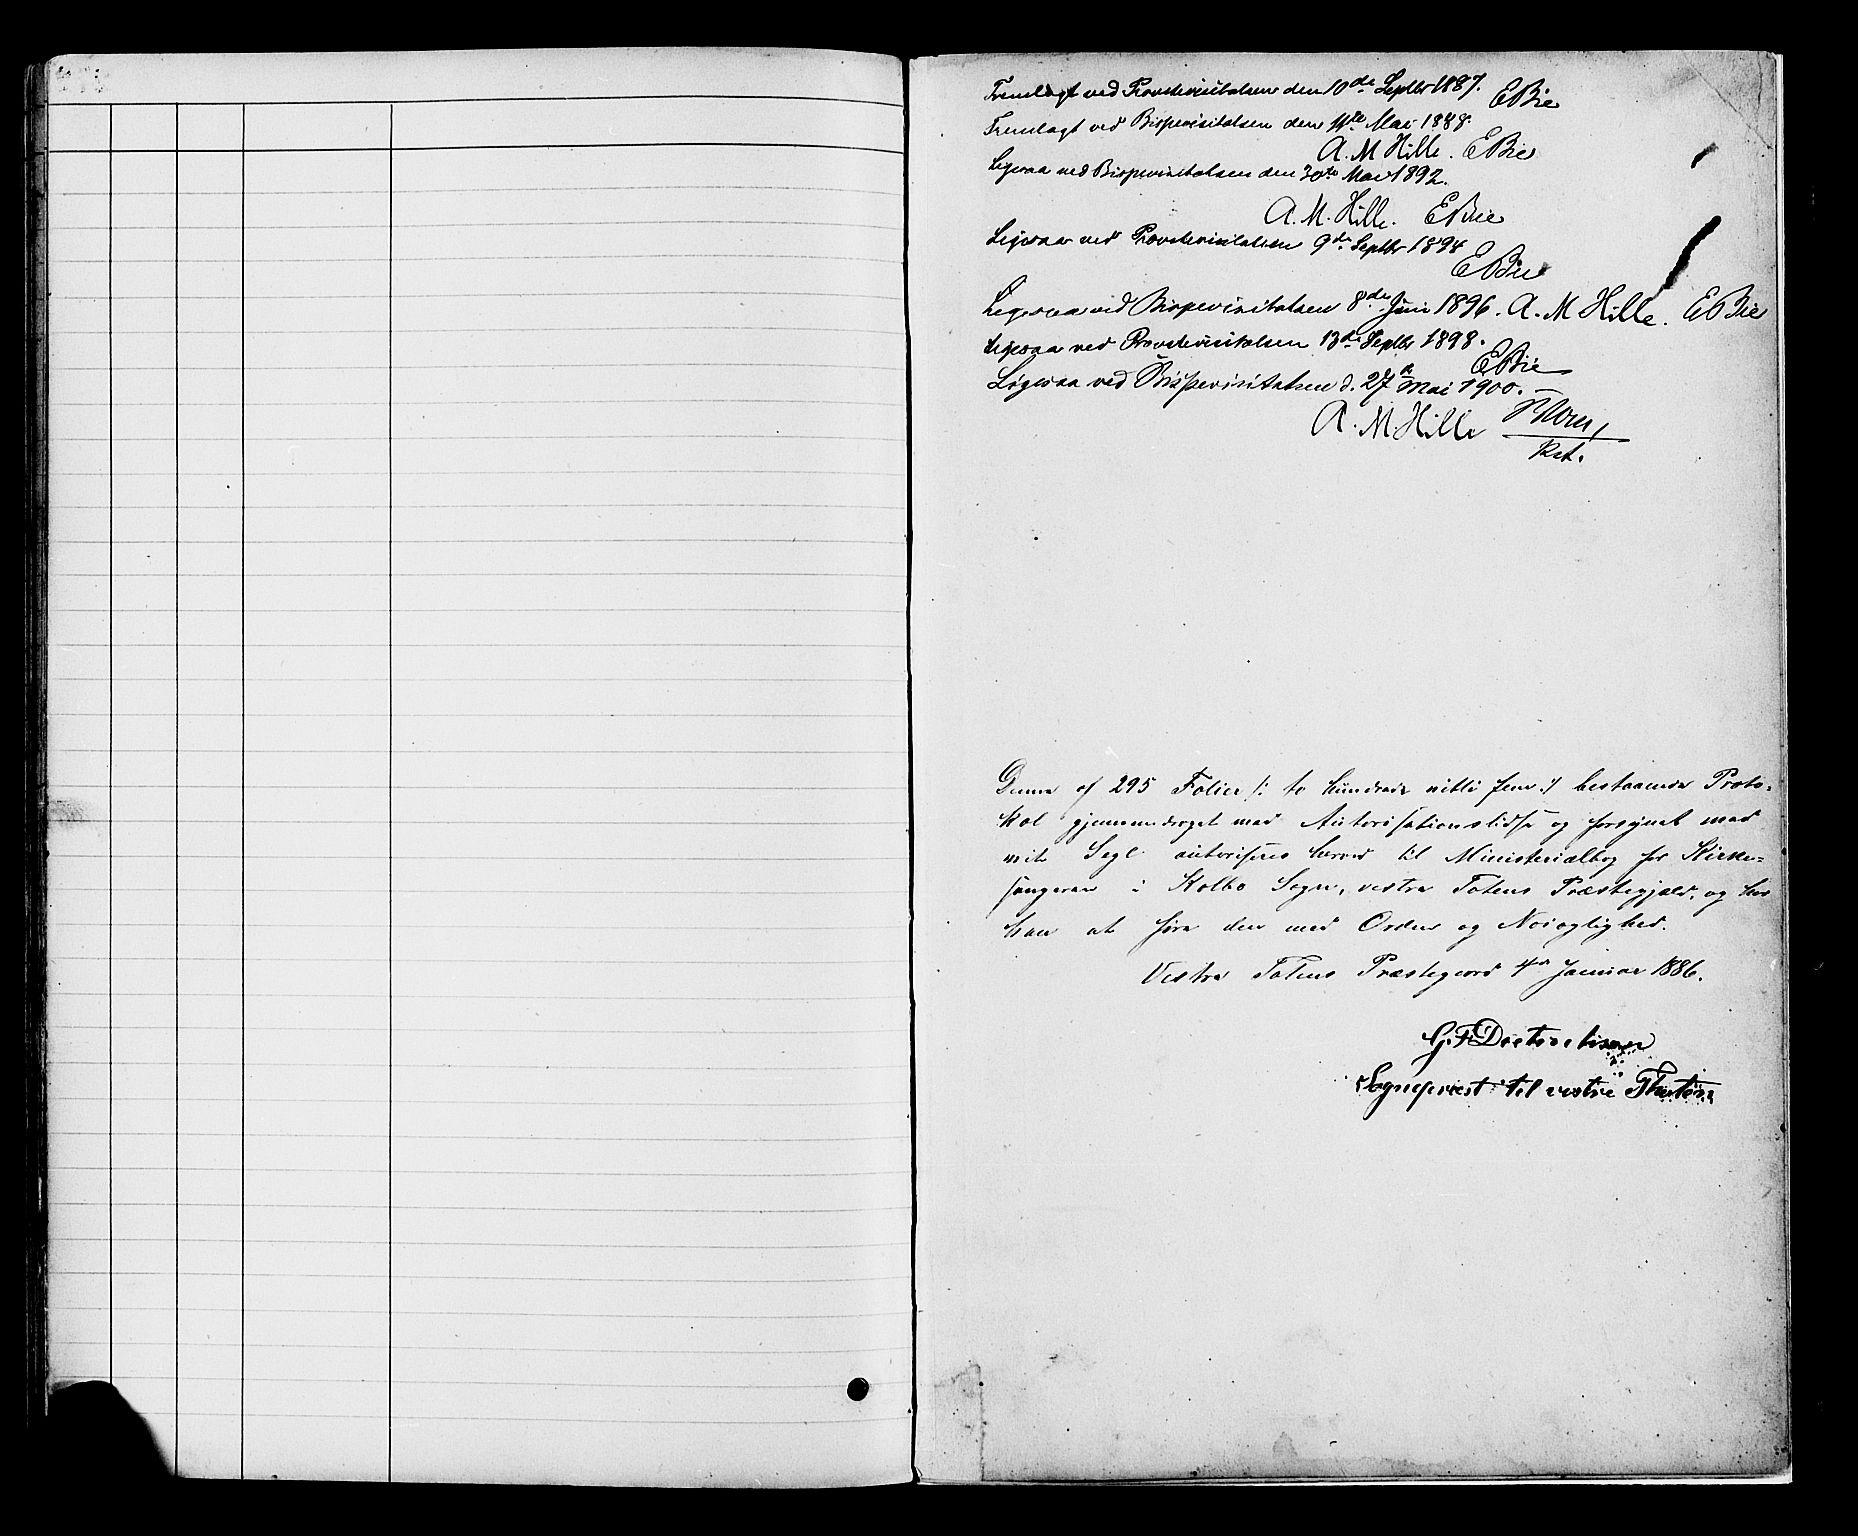 SAH, Vestre Toten prestekontor, H/Ha/Hab/L0008: Klokkerbok nr. 8, 1885-1900